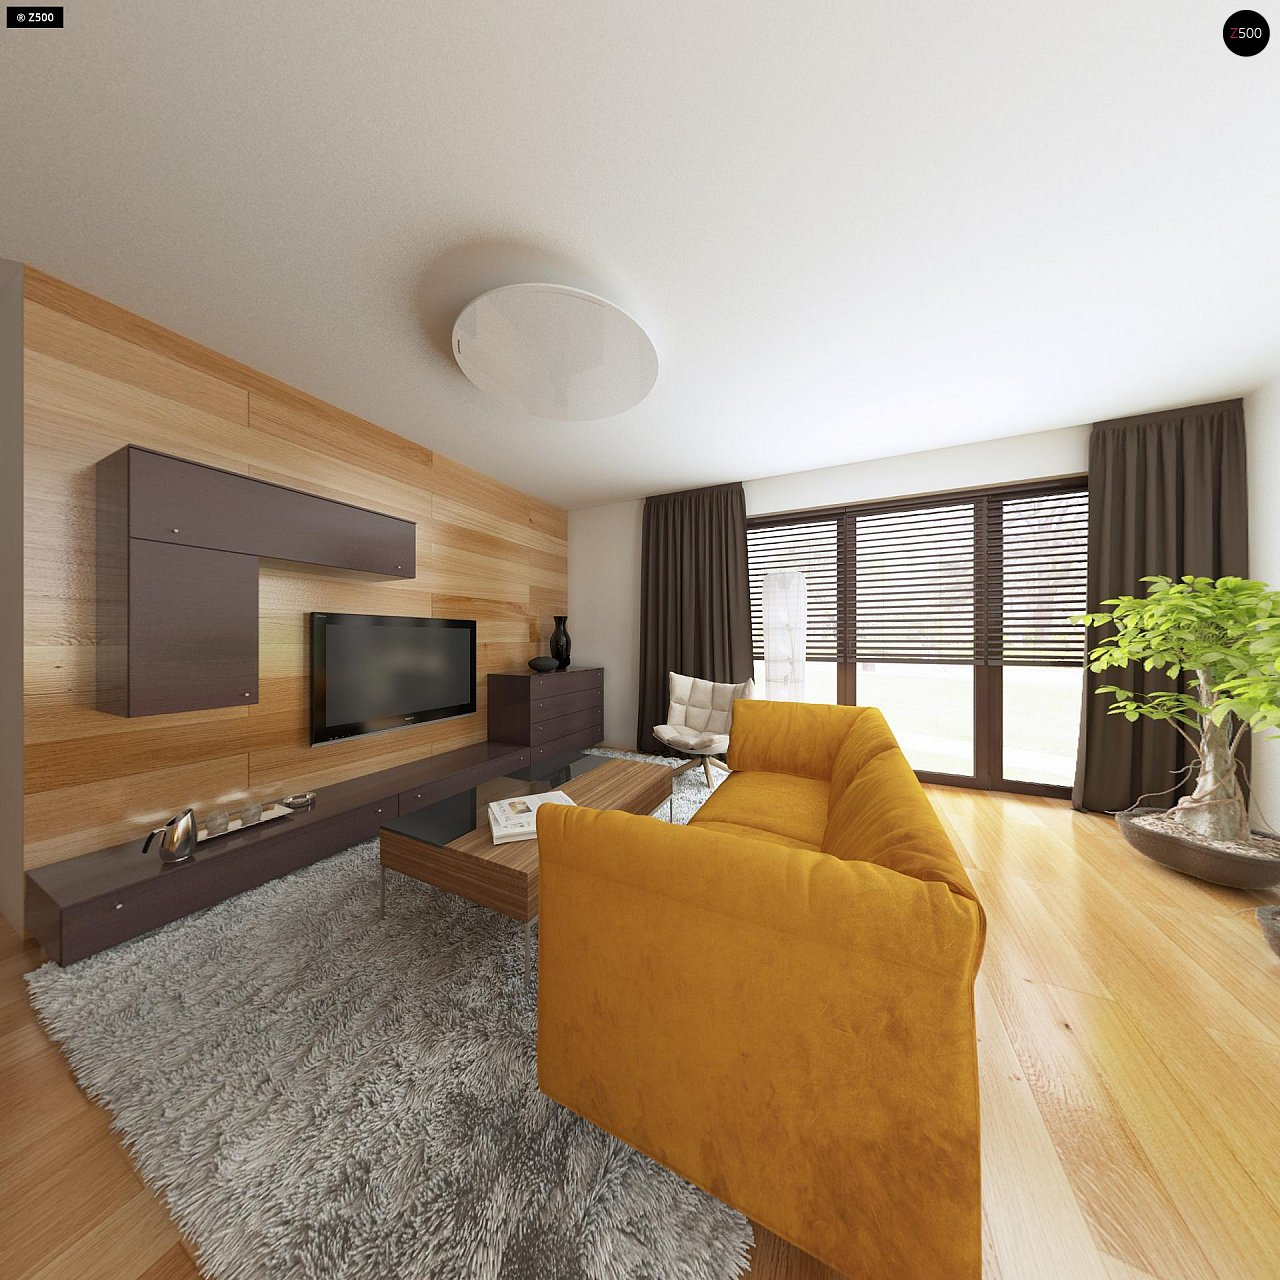 Небольшой дом с дополнительной комнатой на первом этаже, большим хозяйственным помещением и эркером в столовой. 8